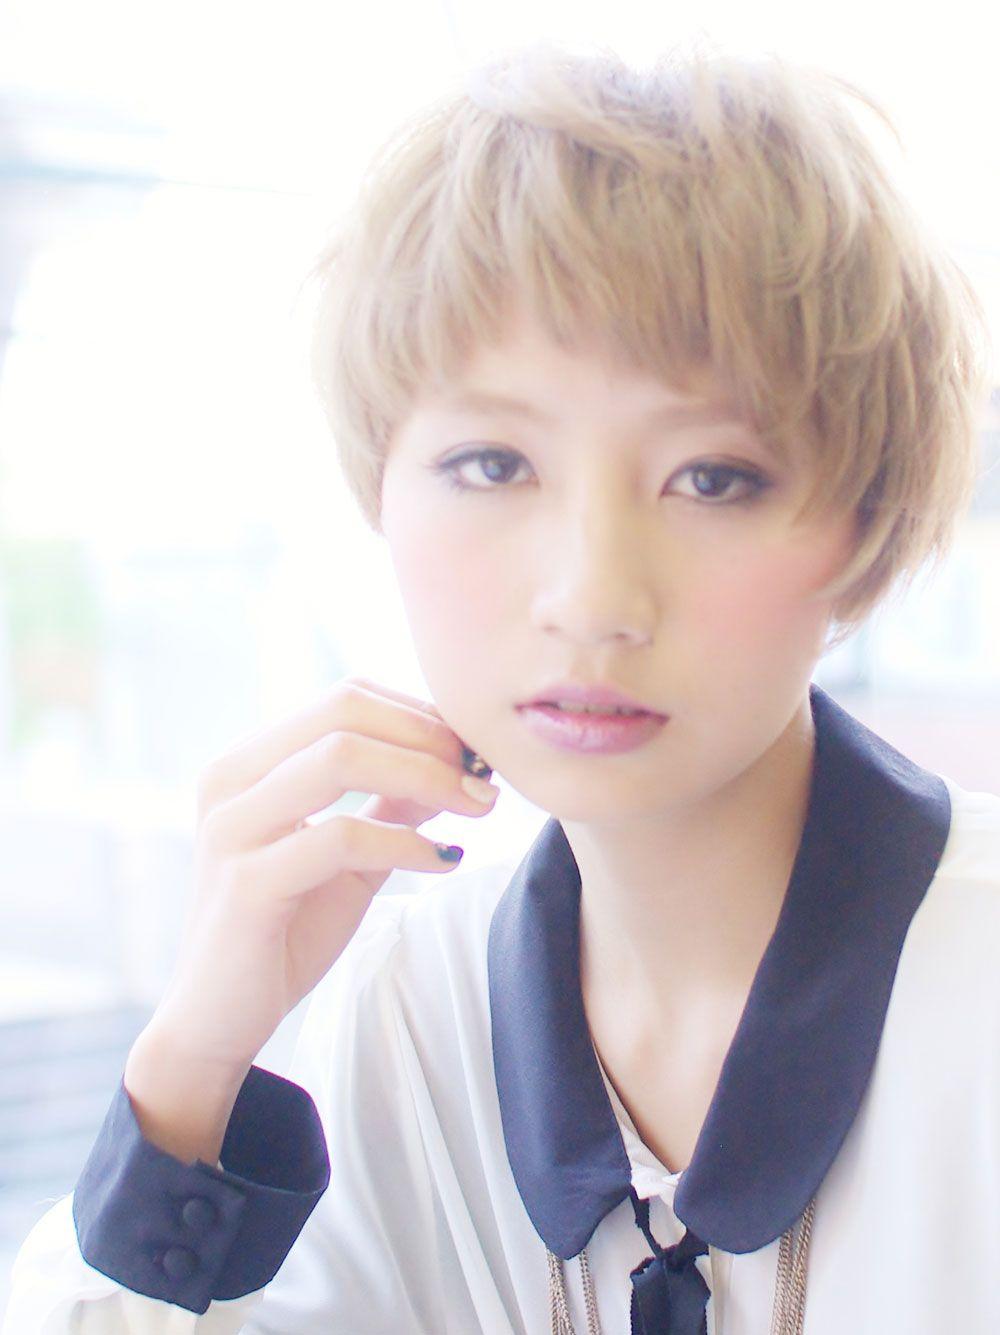 ヘアメニュー:カット&カラー  担当:西森友弥